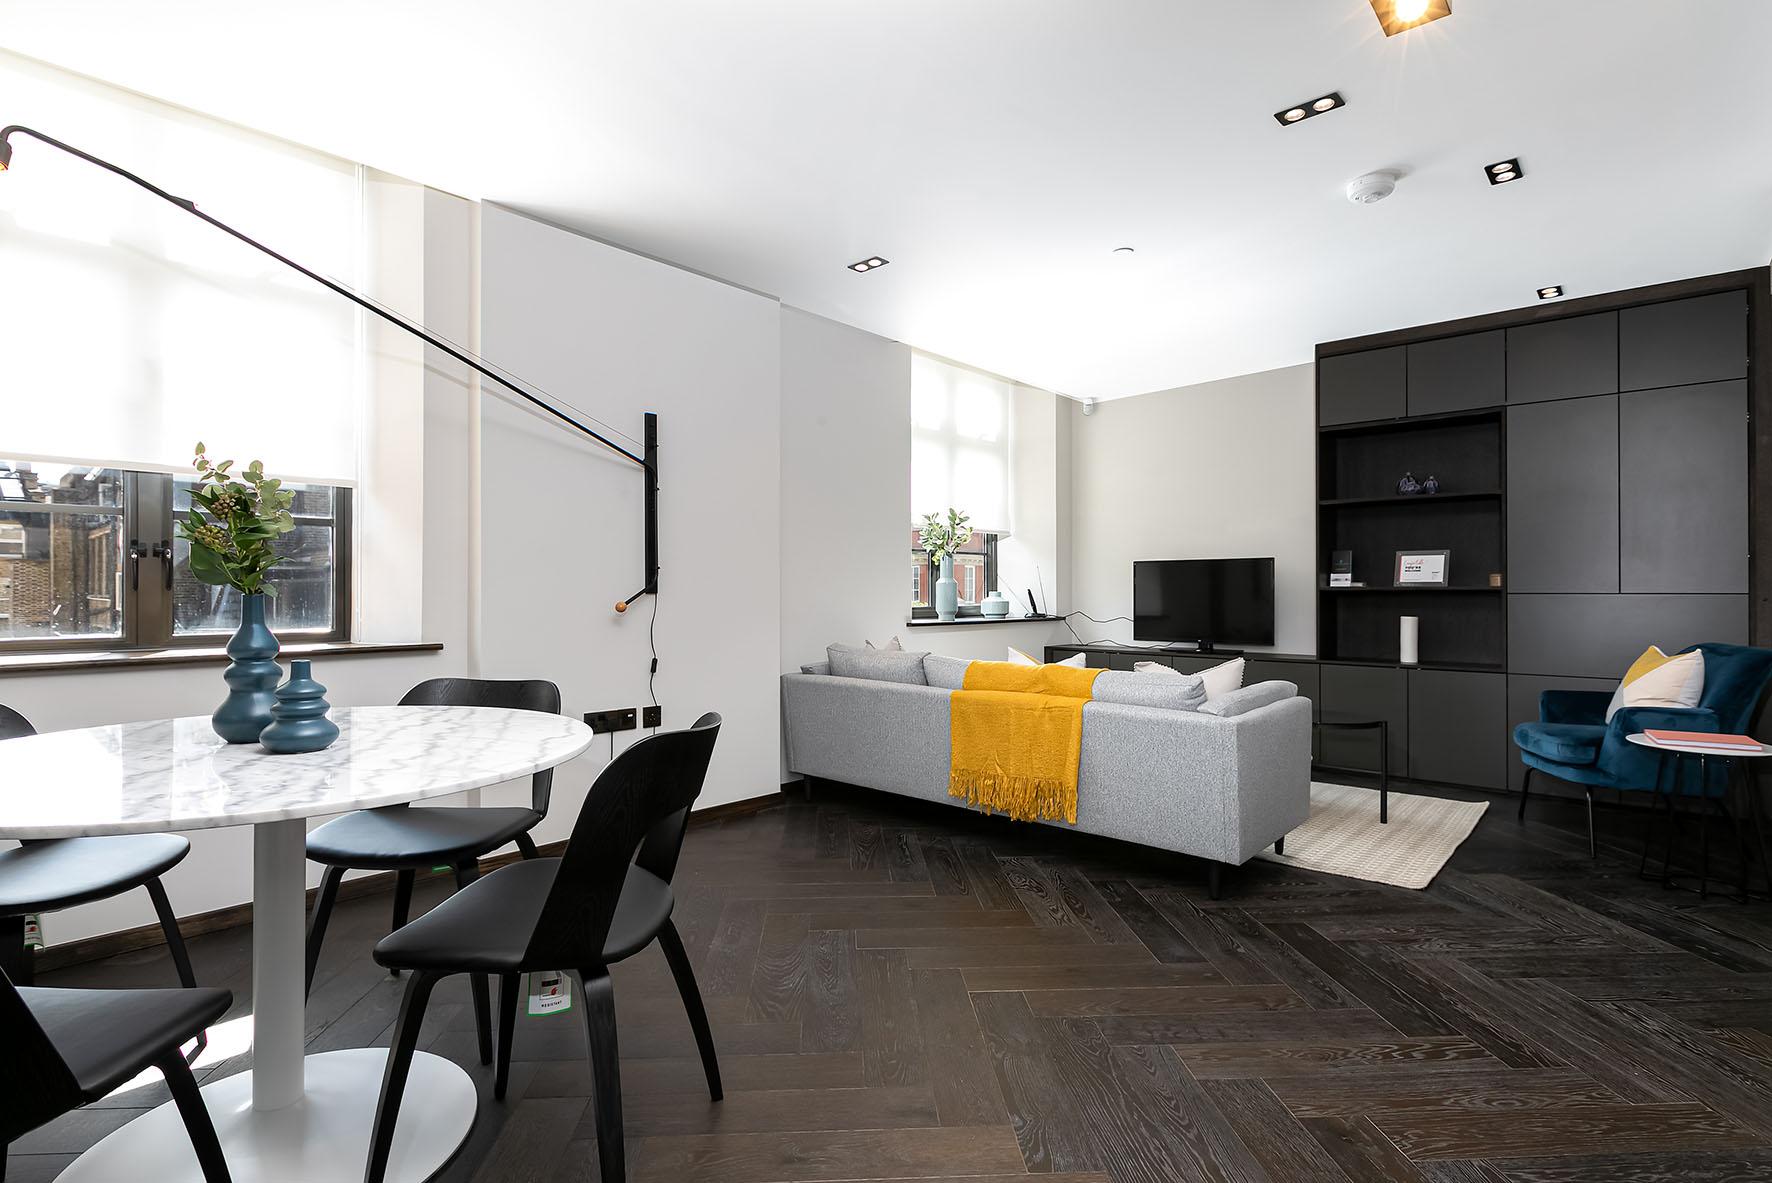 Lovelydays luxury service apartment rental - London - Soho - Oxford Street V - Lovelysuite - 1 bedrooms - 1 bathrooms - Luxury living room - 0ada28175f76 - Lovelydays